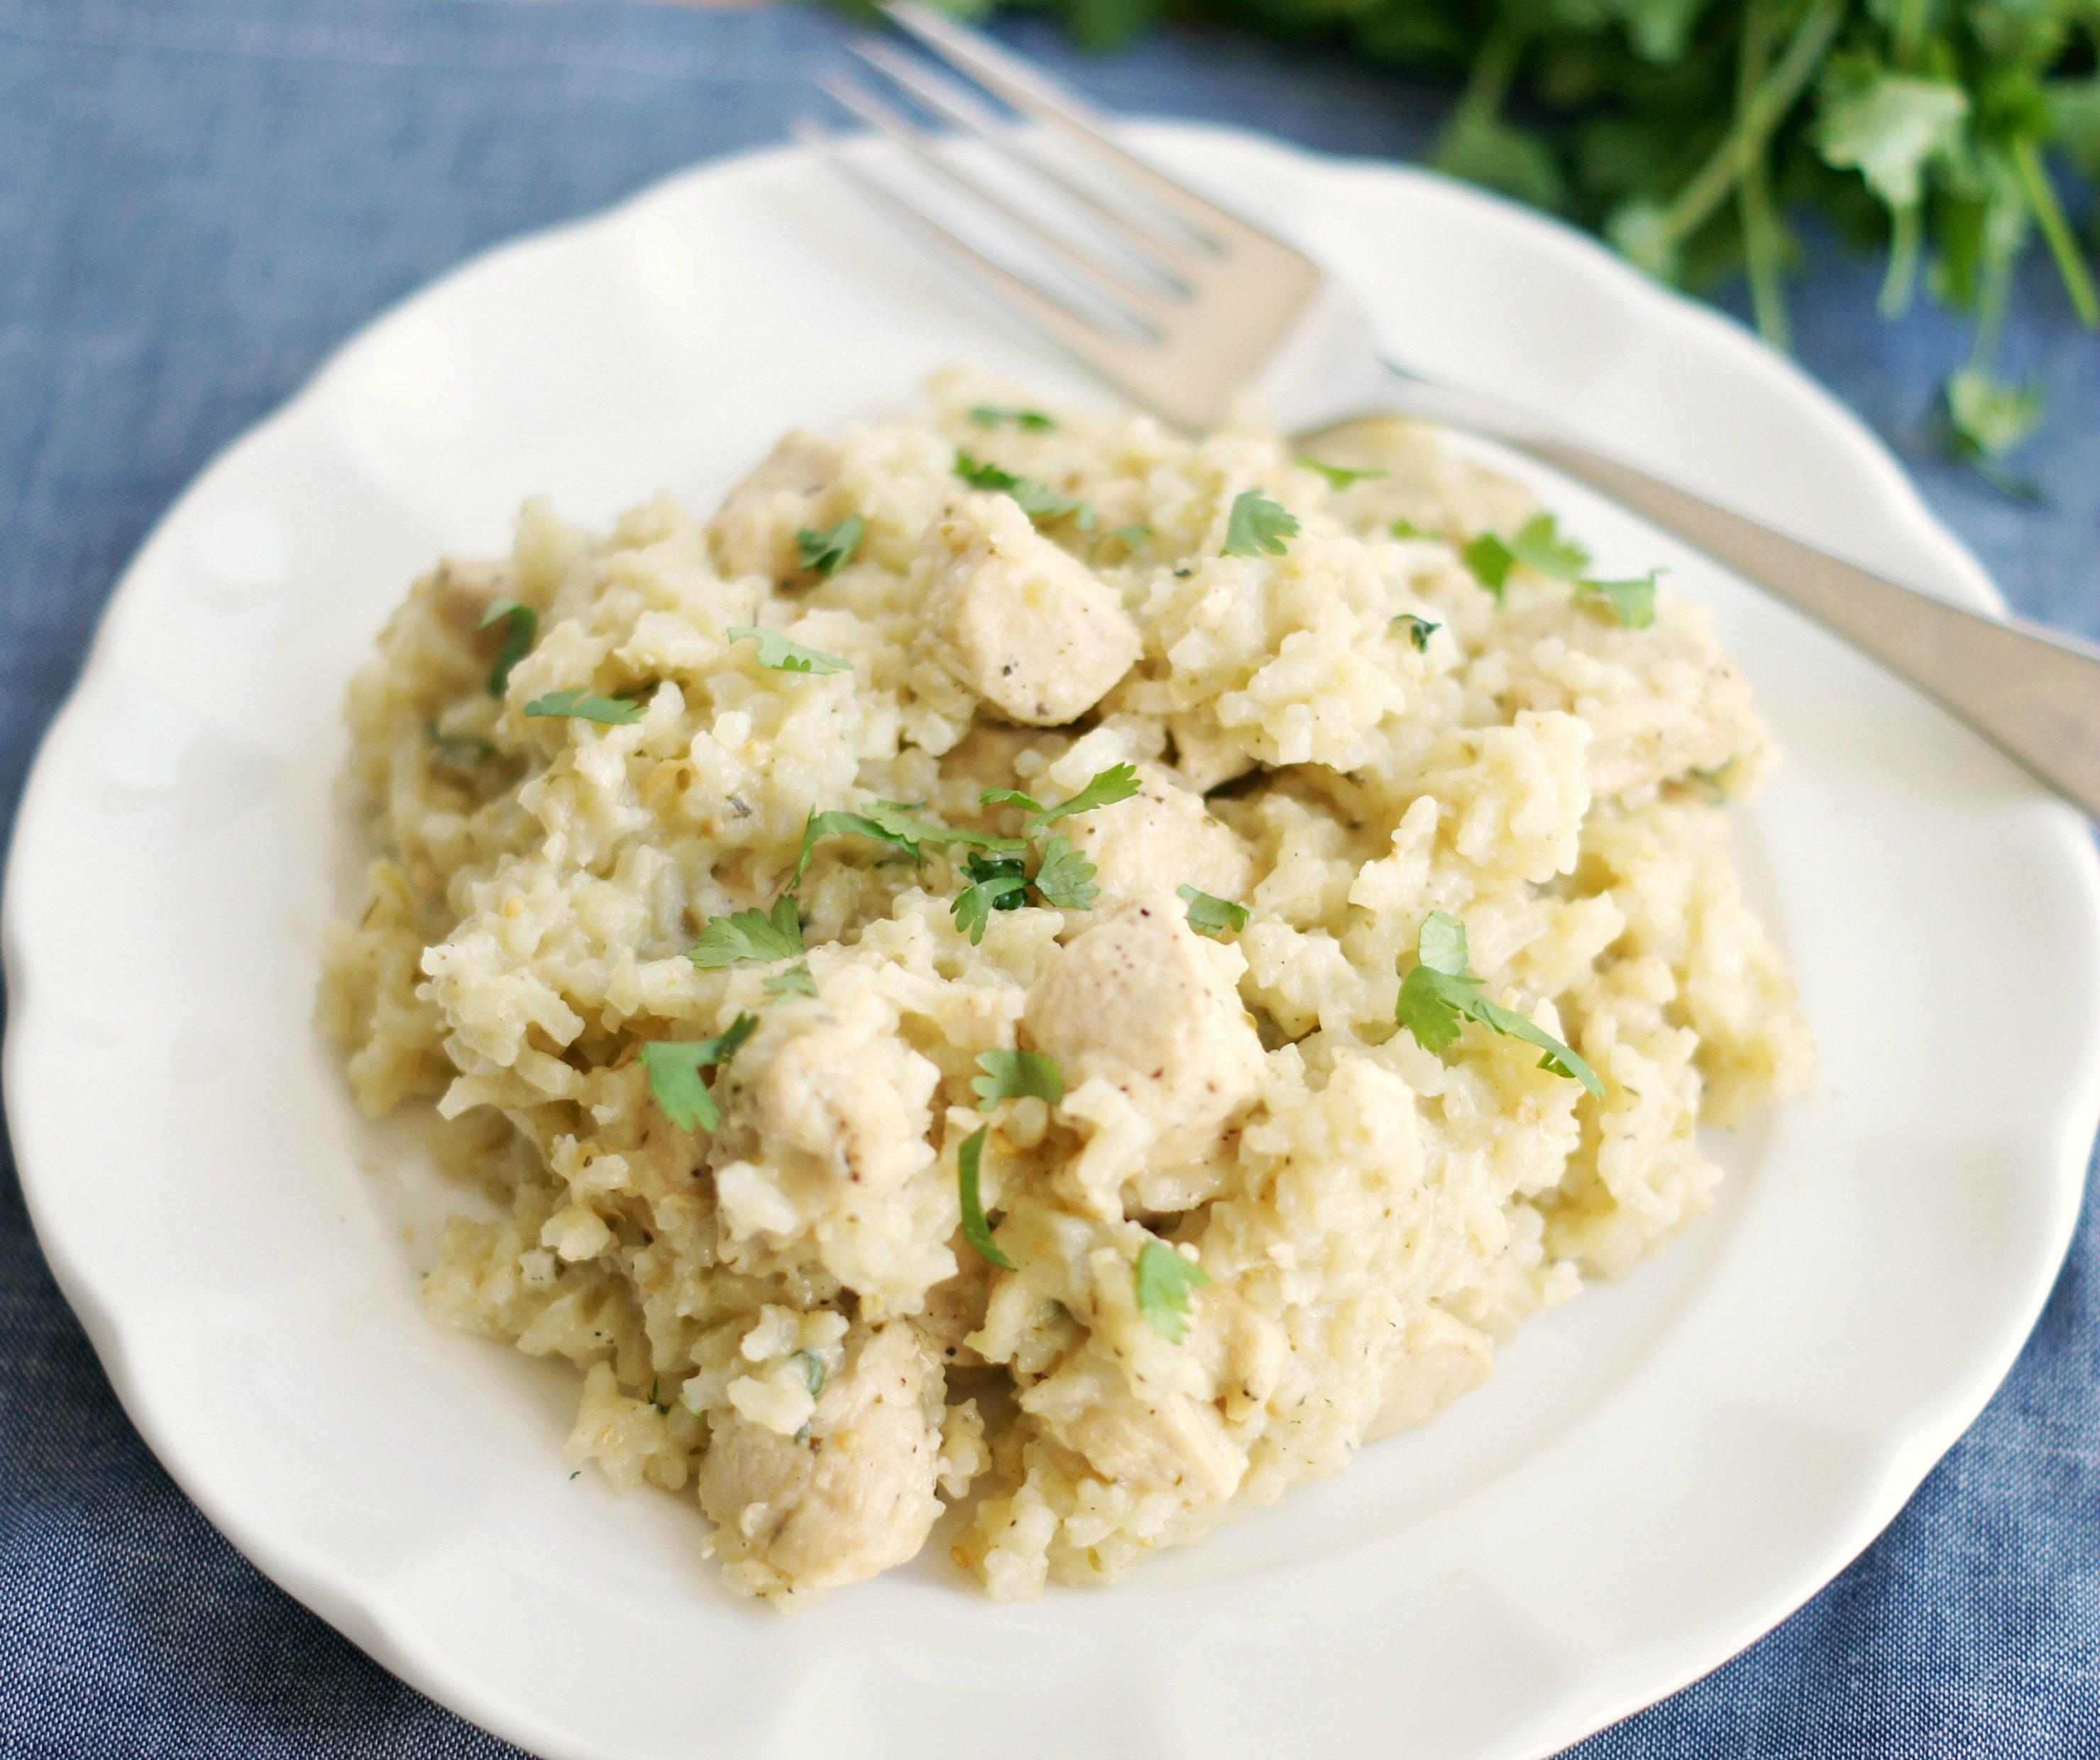 Plate of Skillet Salsa Verde Chicken & Rice